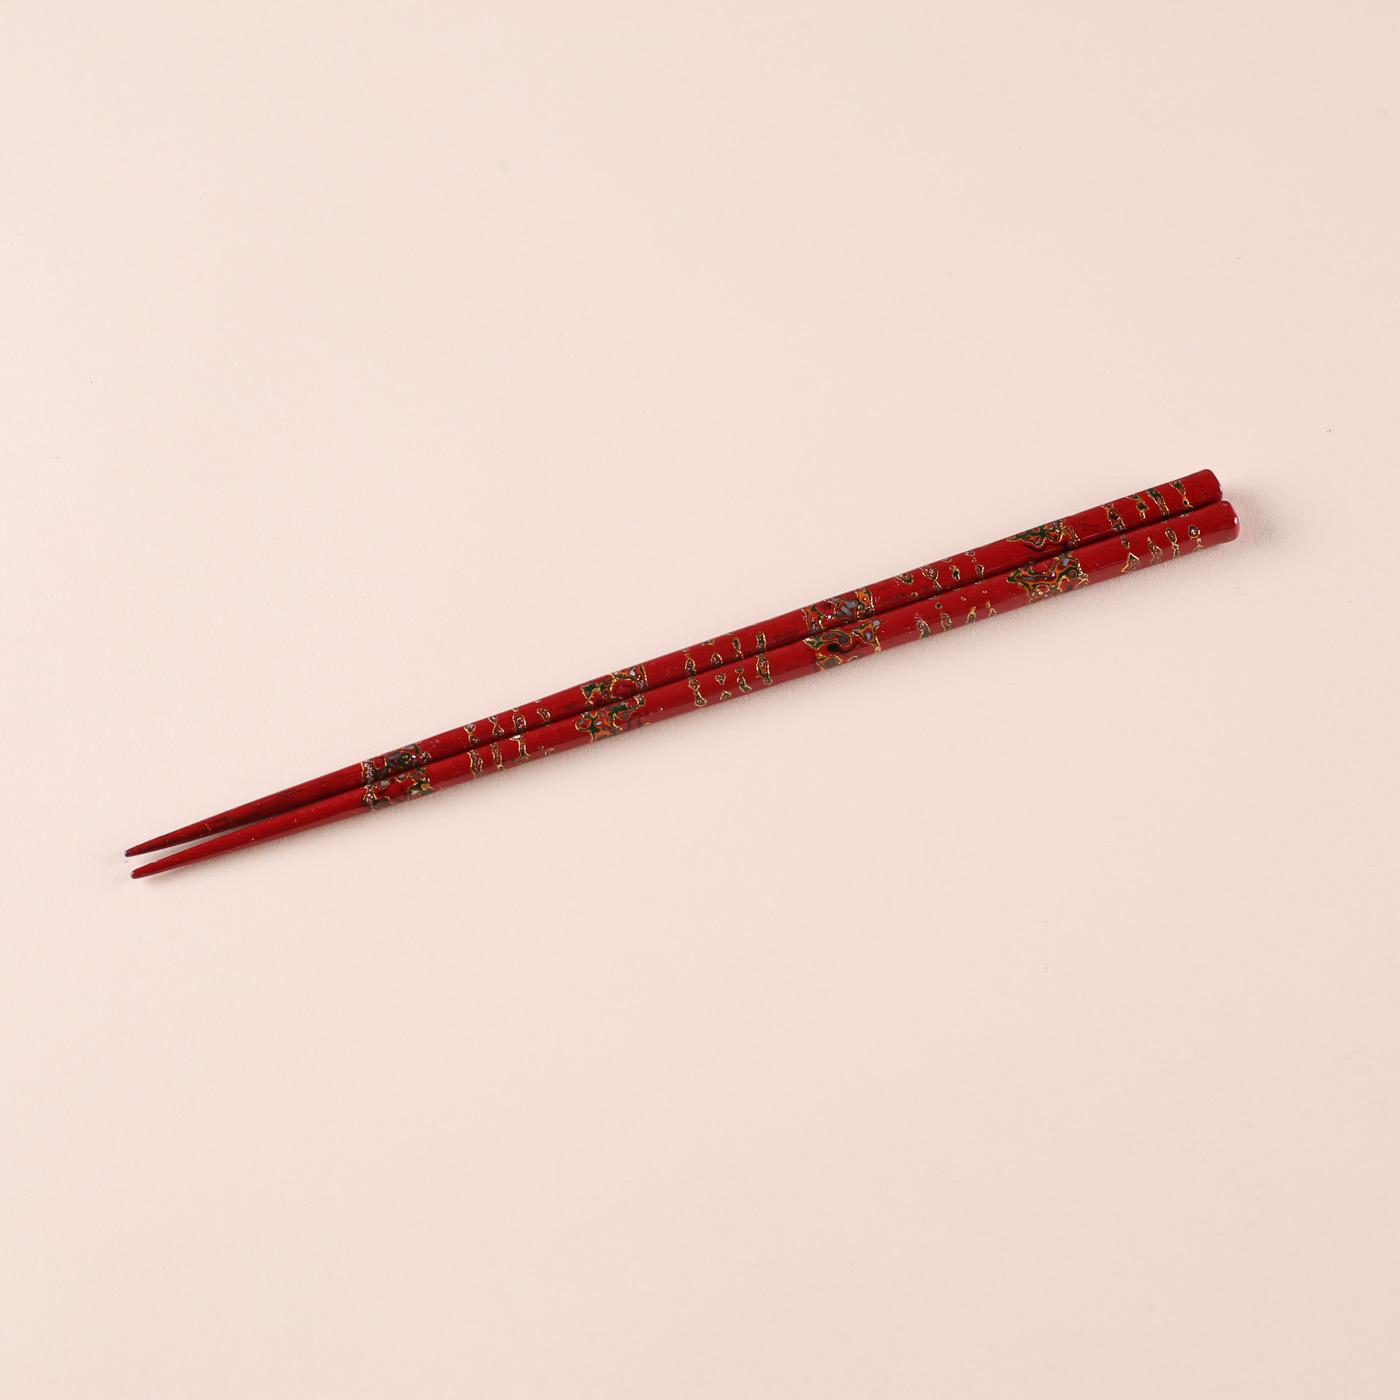 桐箱夫婦 千代錦 23.5cm/21.5cm